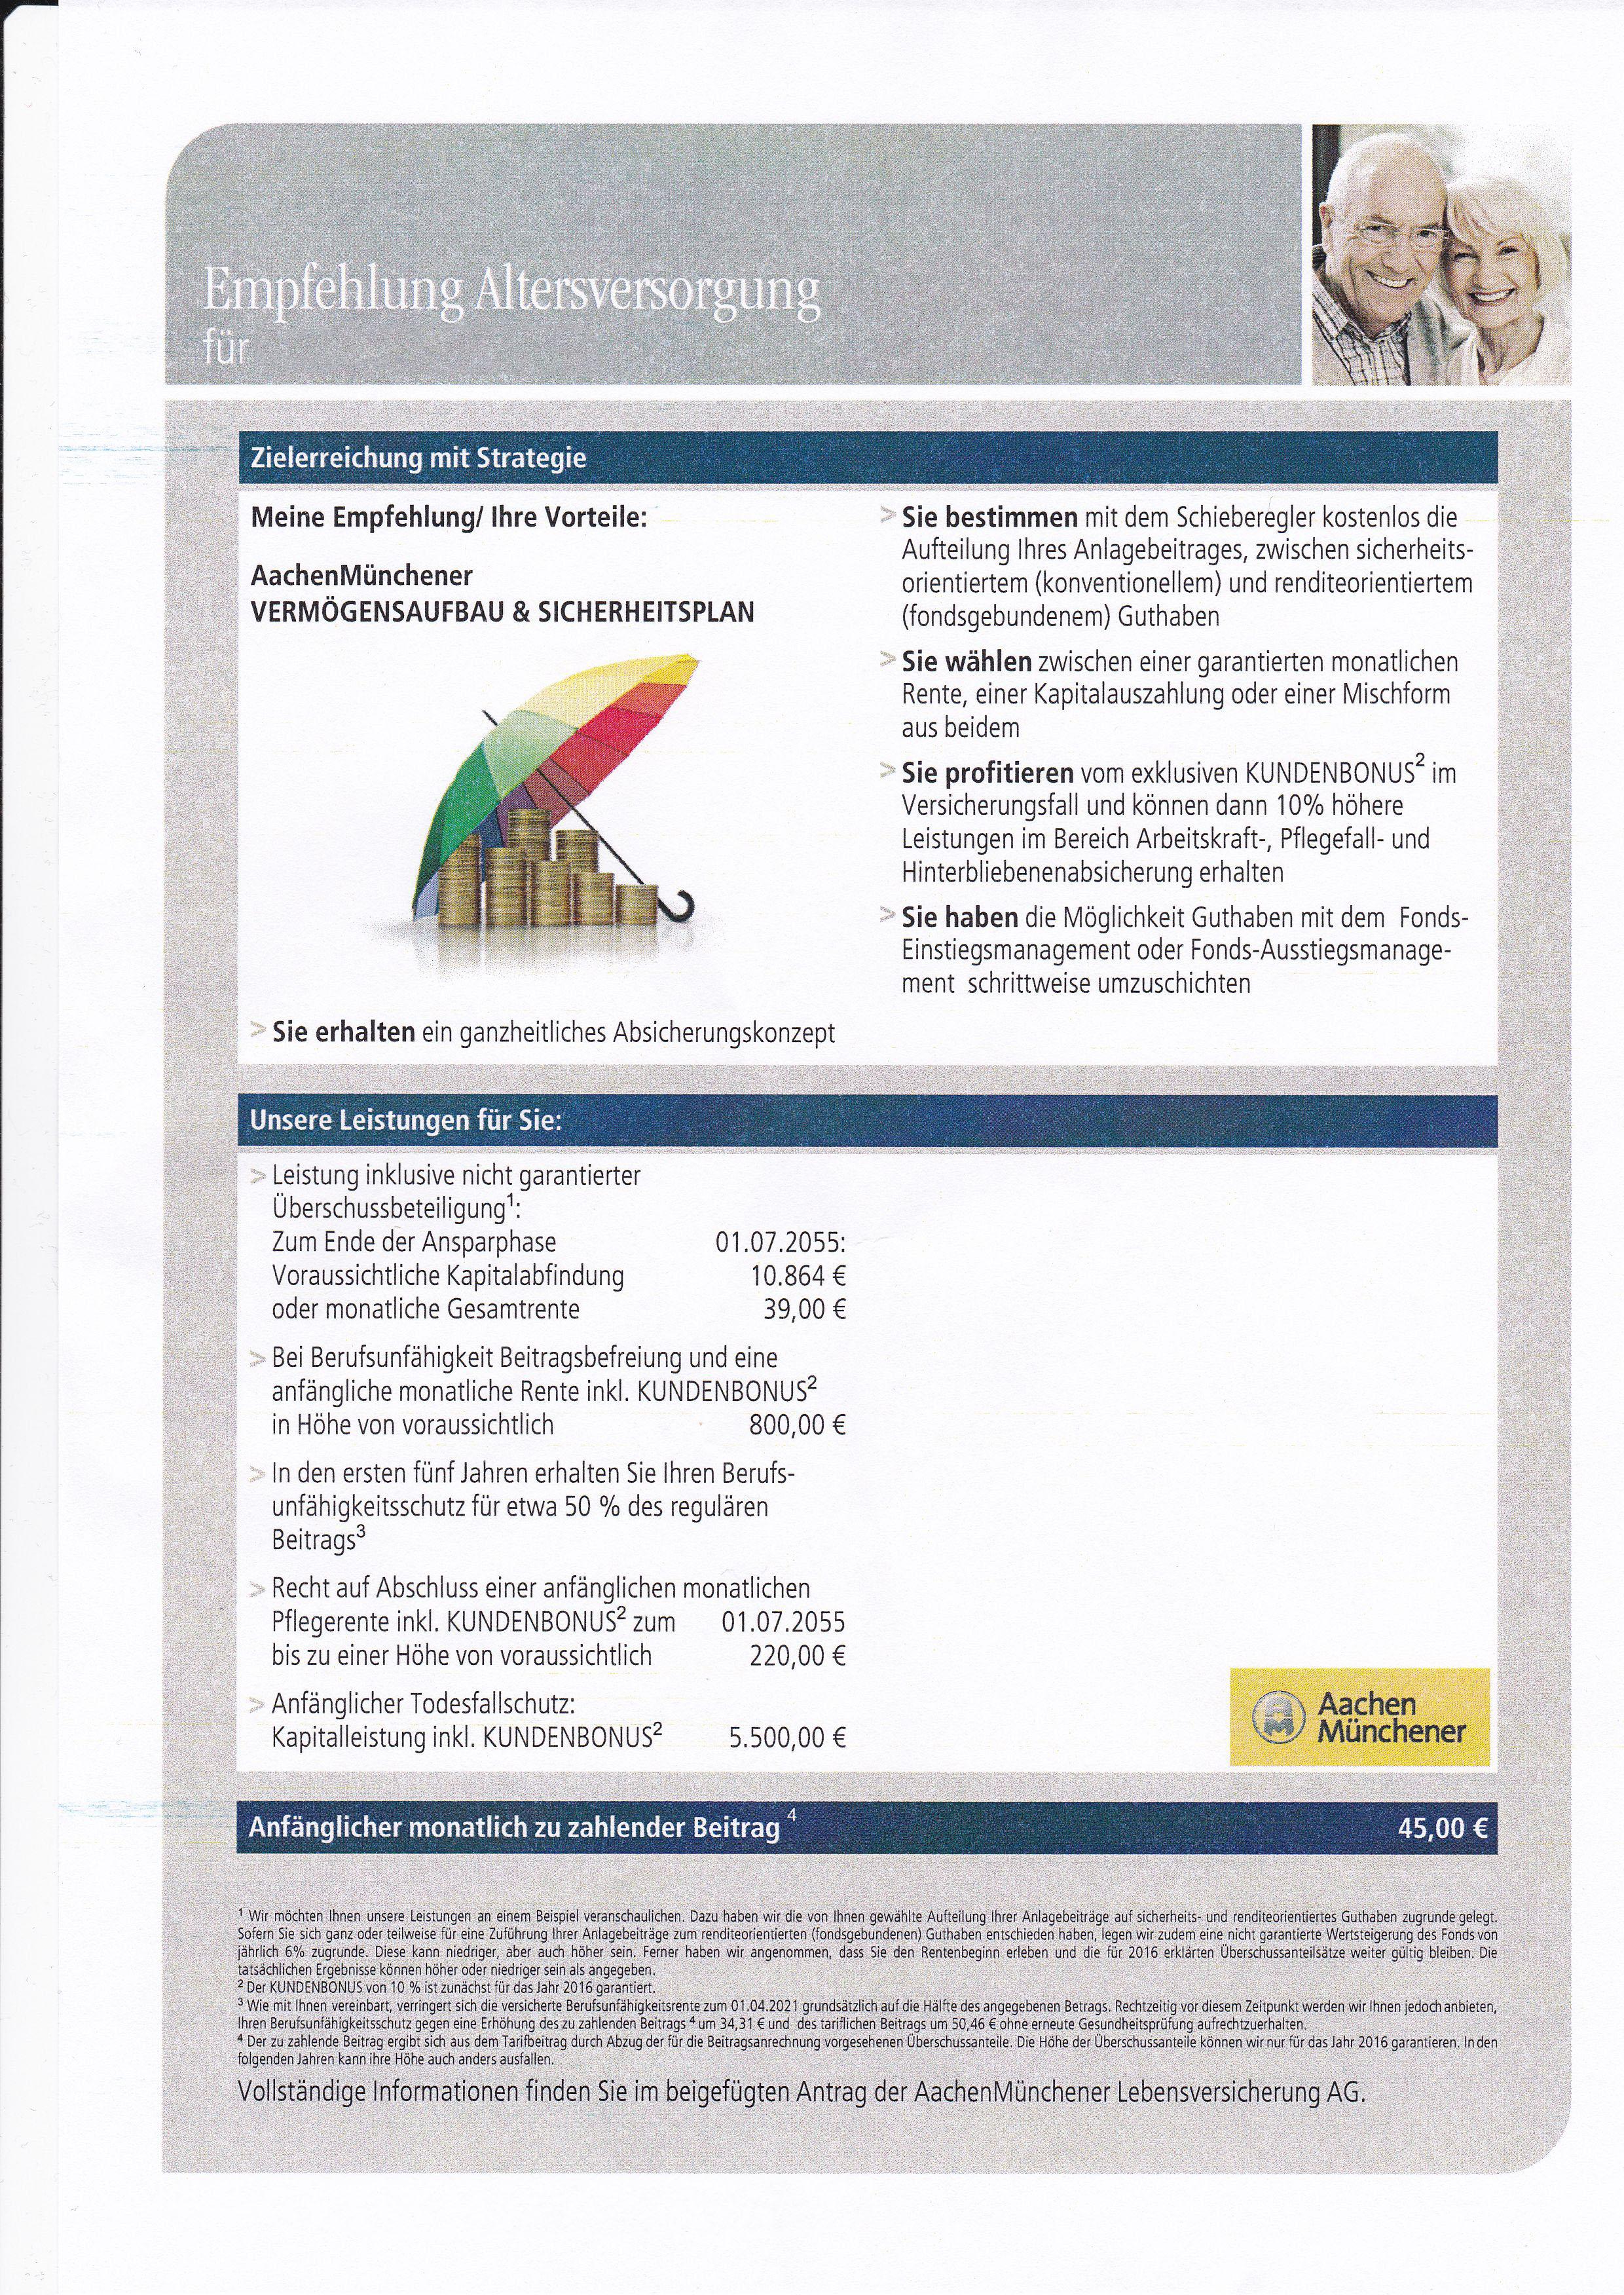 BU mit Zusatzrente --> abschließen oder nicht? - Versicherungen zur ...